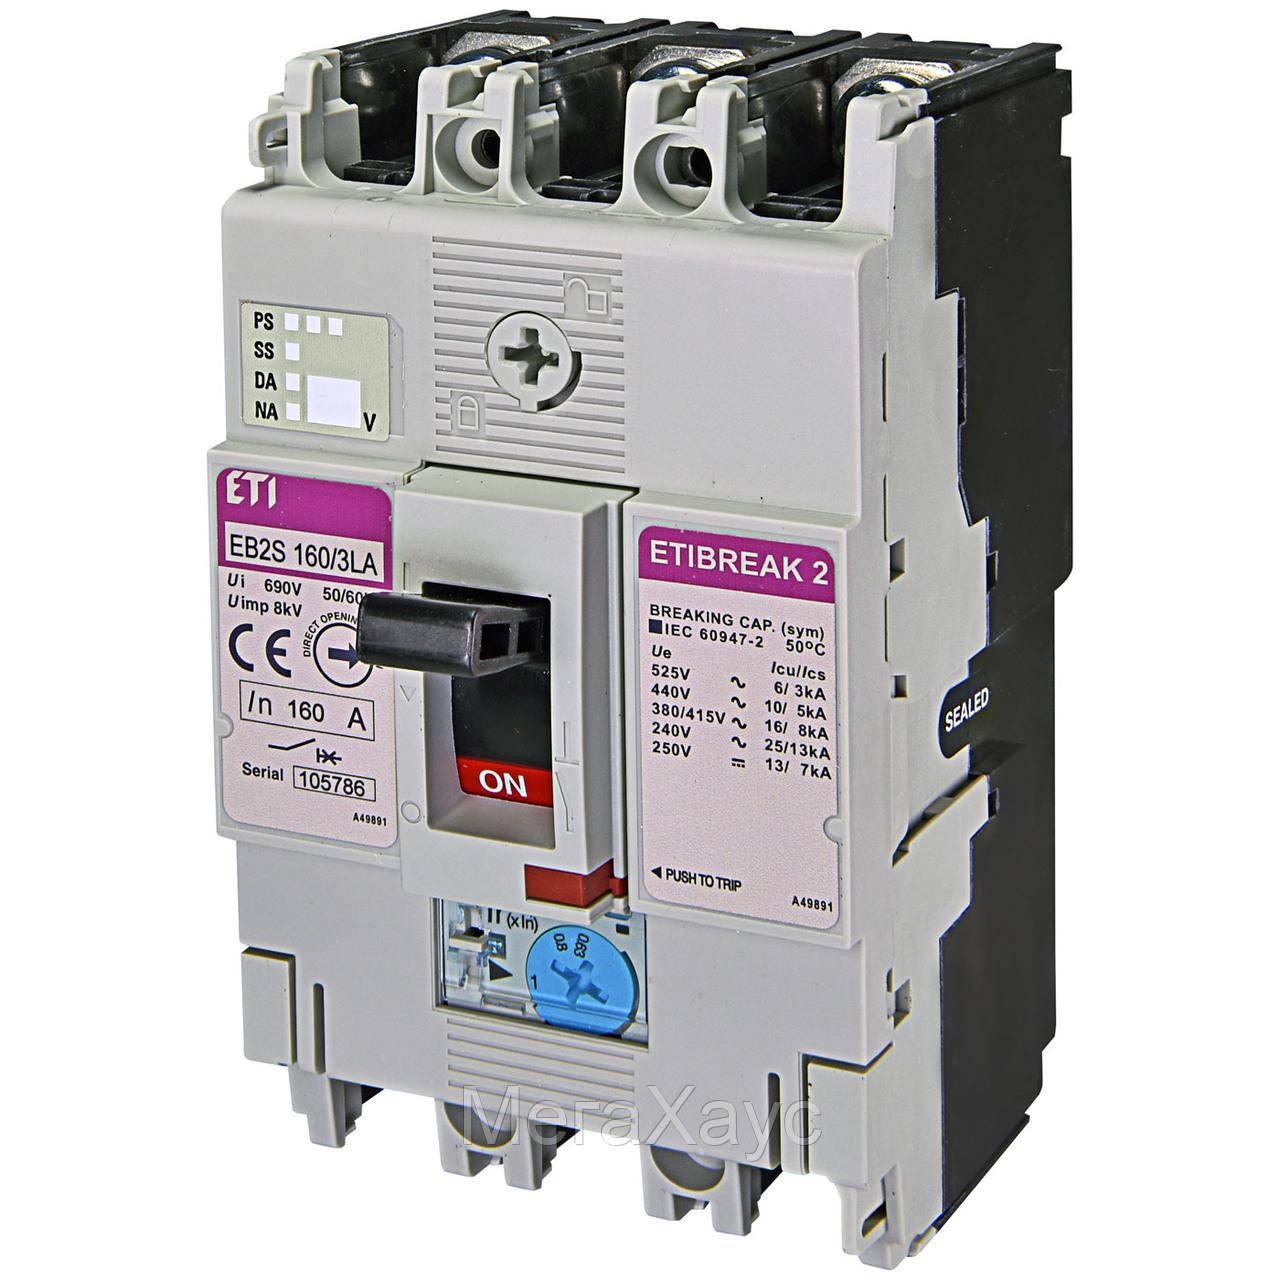 Промышленный автоматический выключатель ETI ETIBREAK EB2S 160/3LA 160А 3P (16kA регулируемый)